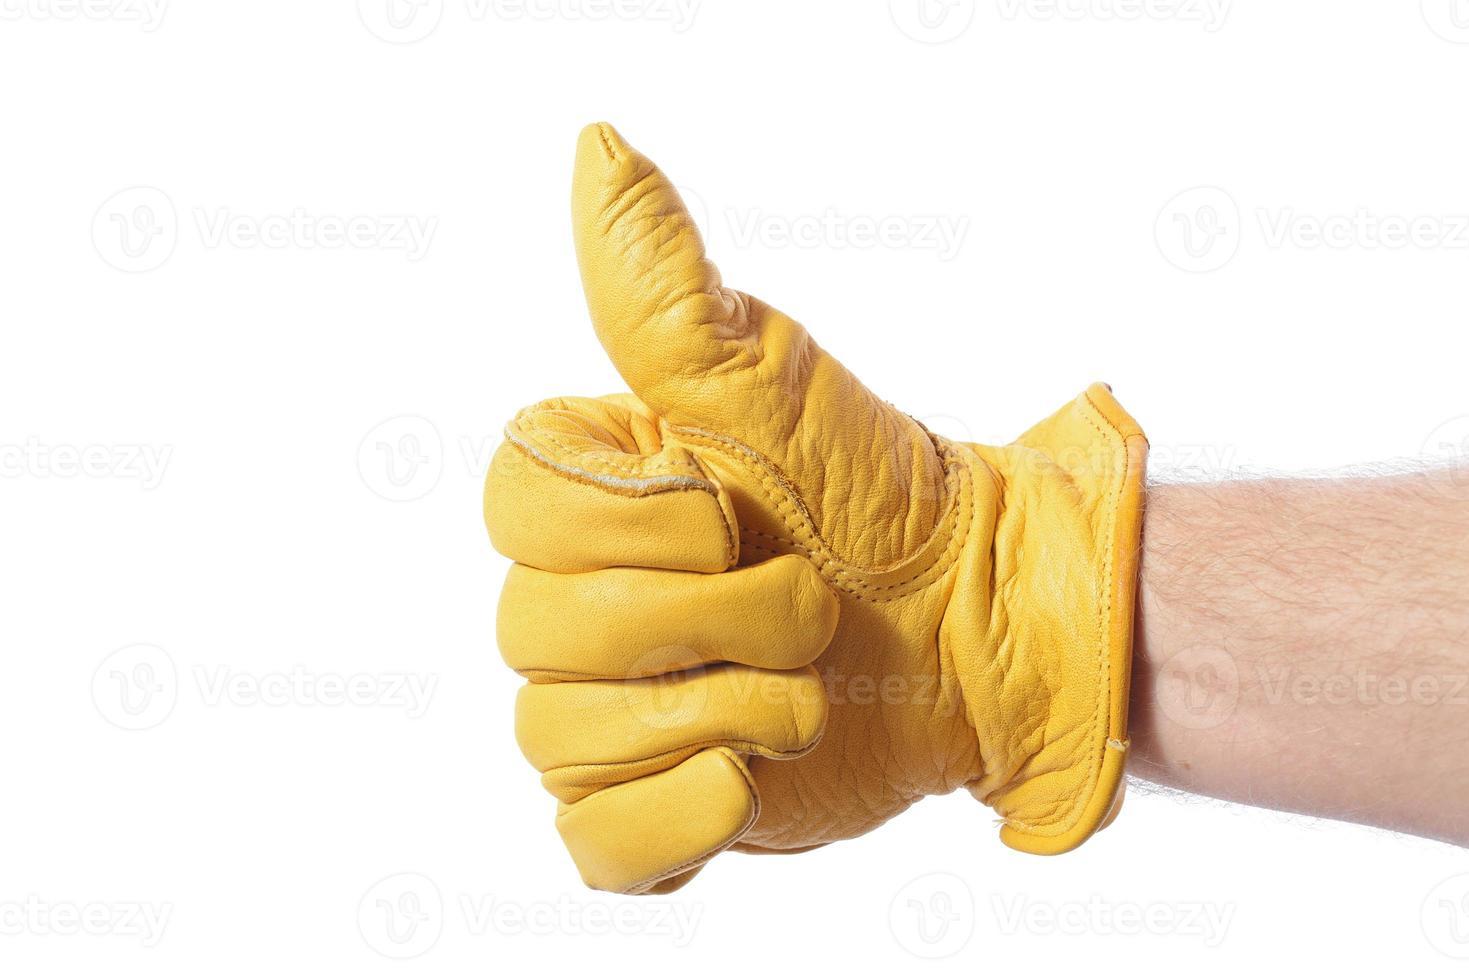 konstruktionshandske tummen upp foto